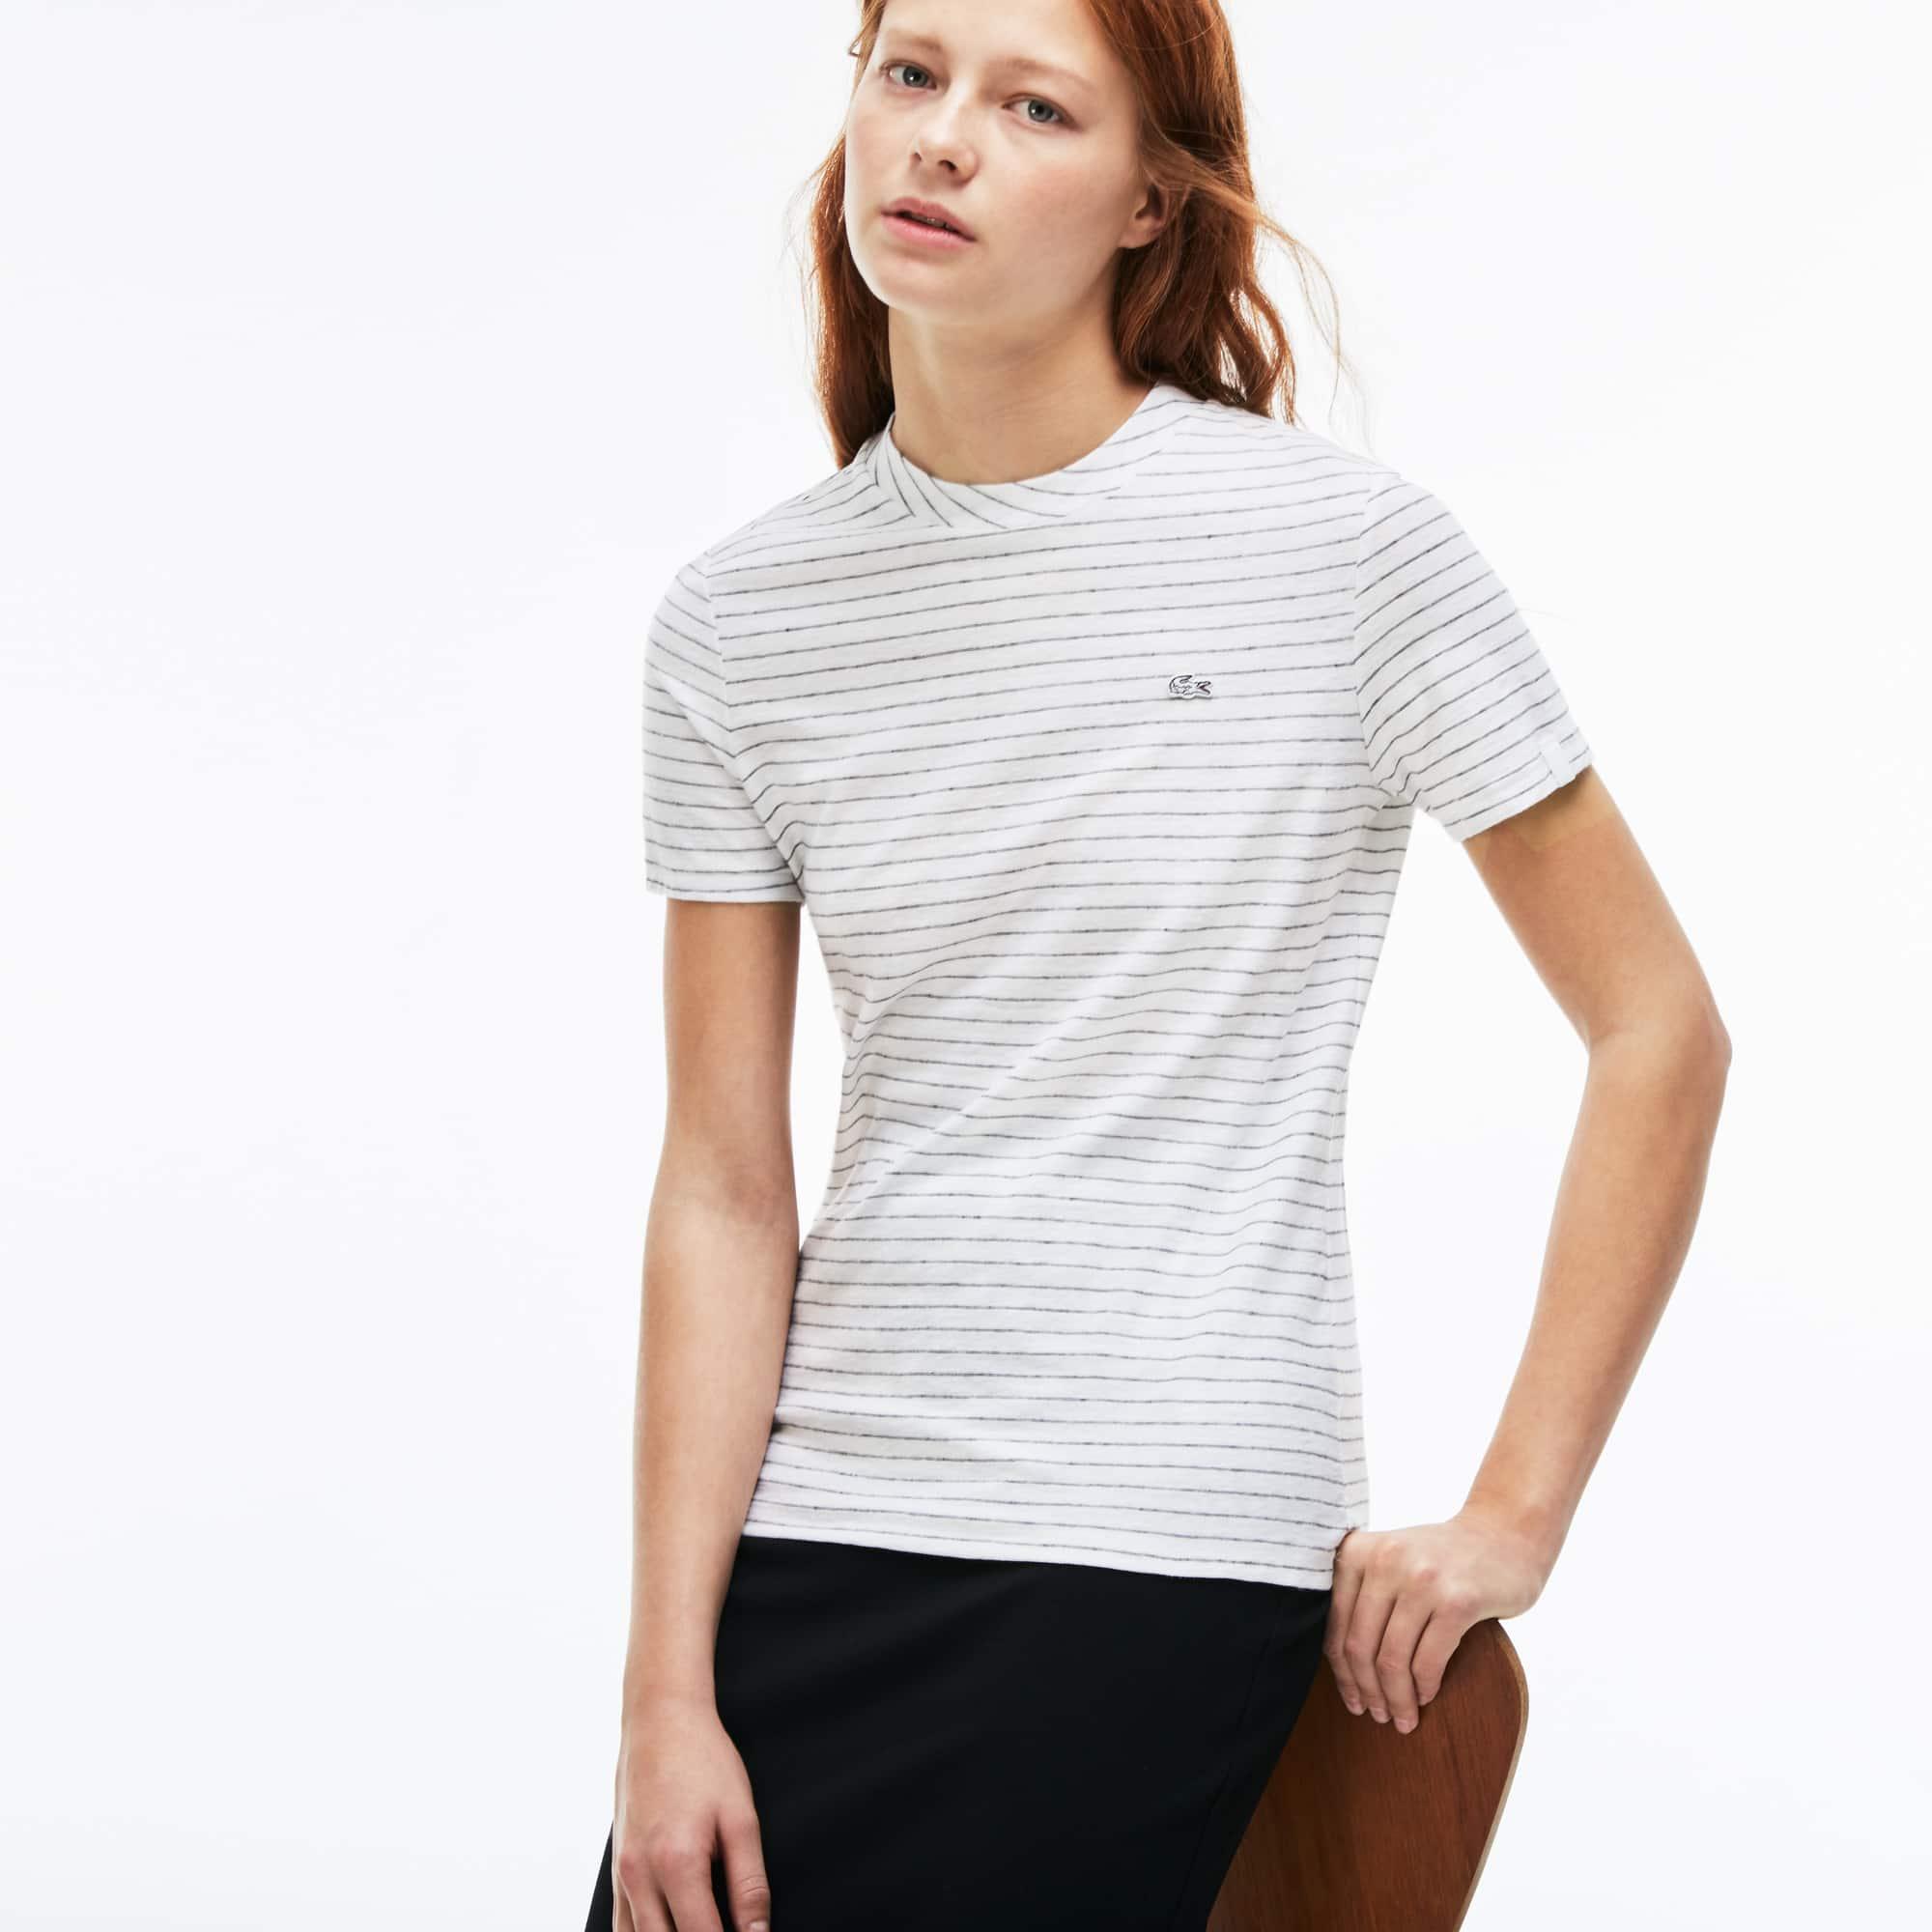 Damen-Rundhals-T-Shirt aus Baumwolle und Leinen LACOSTE L!VE